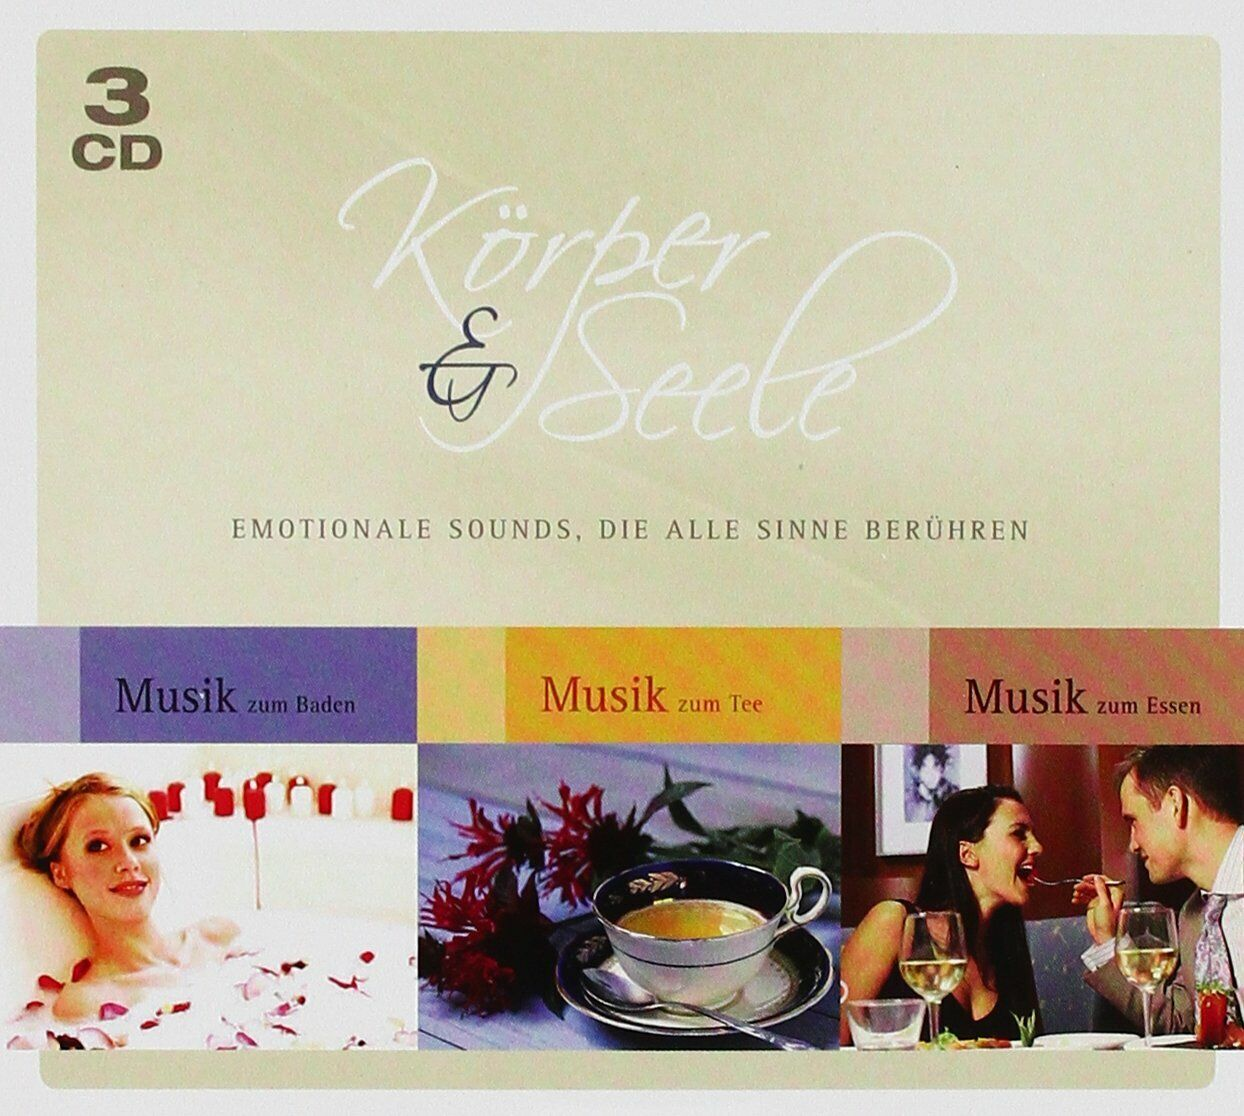 Körper & Seele - NEU 3 Audio CD Box - Musik zum Baden Essen Tee Entspannung